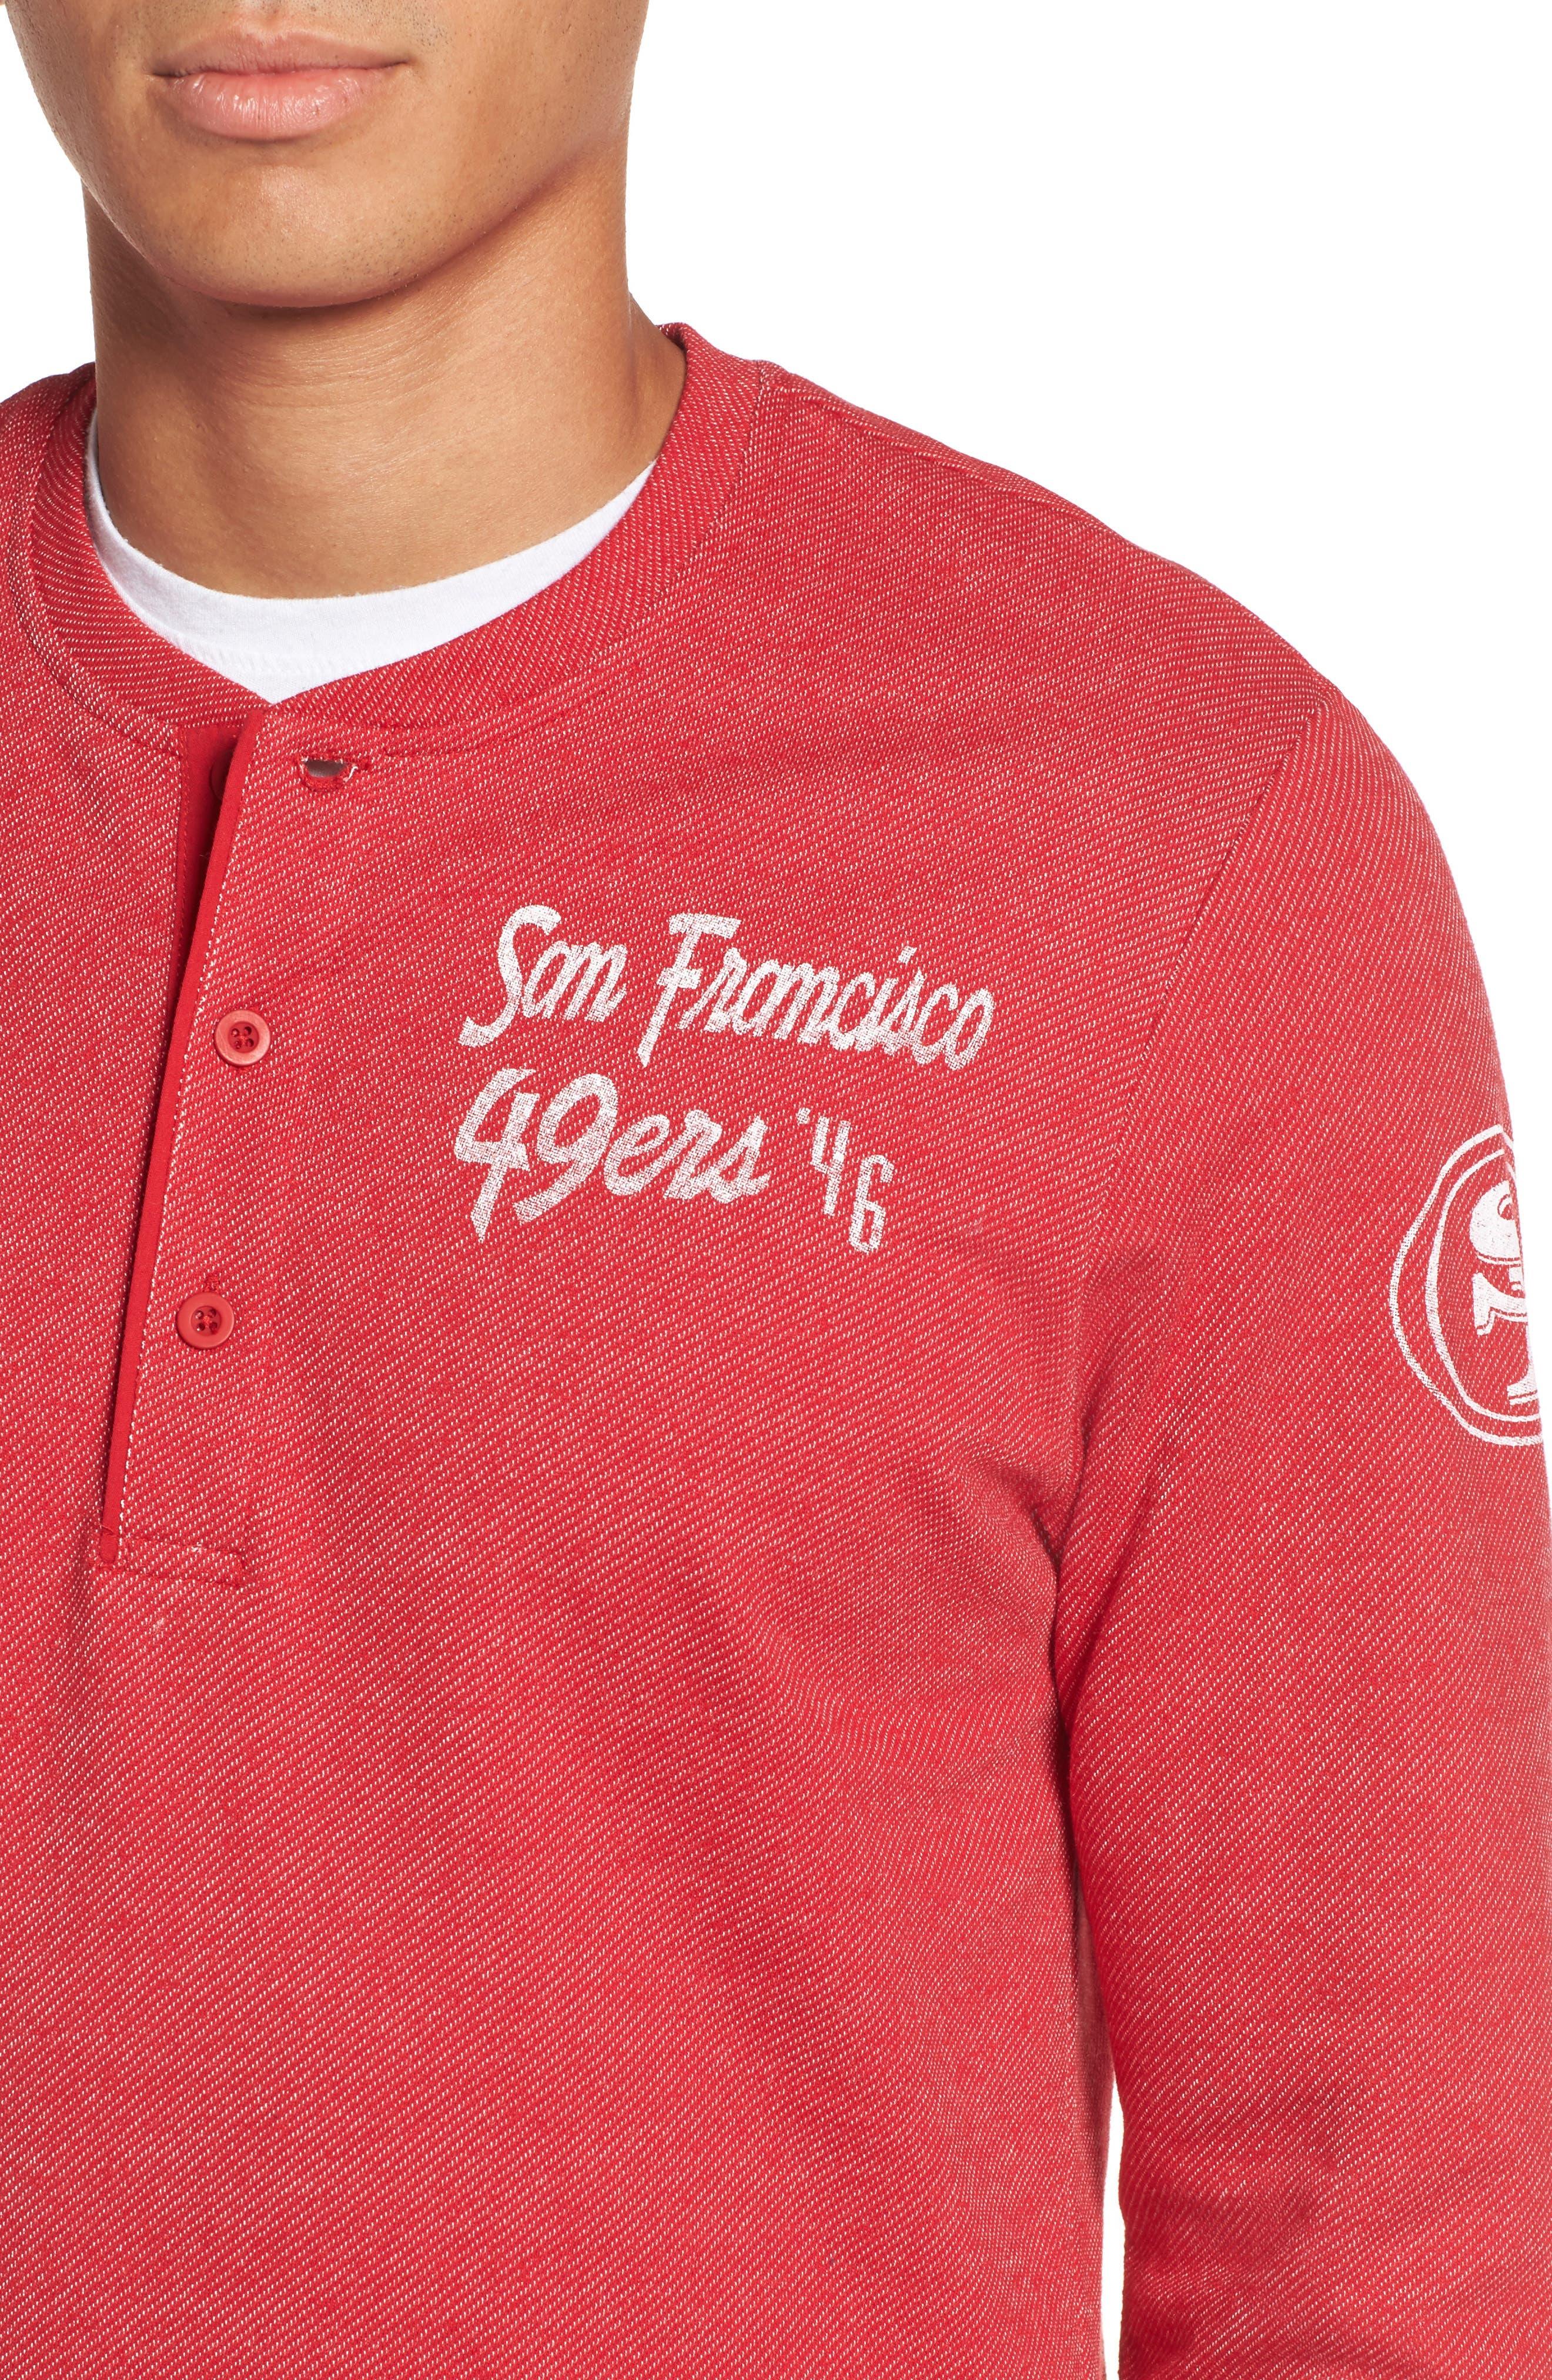 Alternate Image 4  - '47 San Francesco 49ers Henley